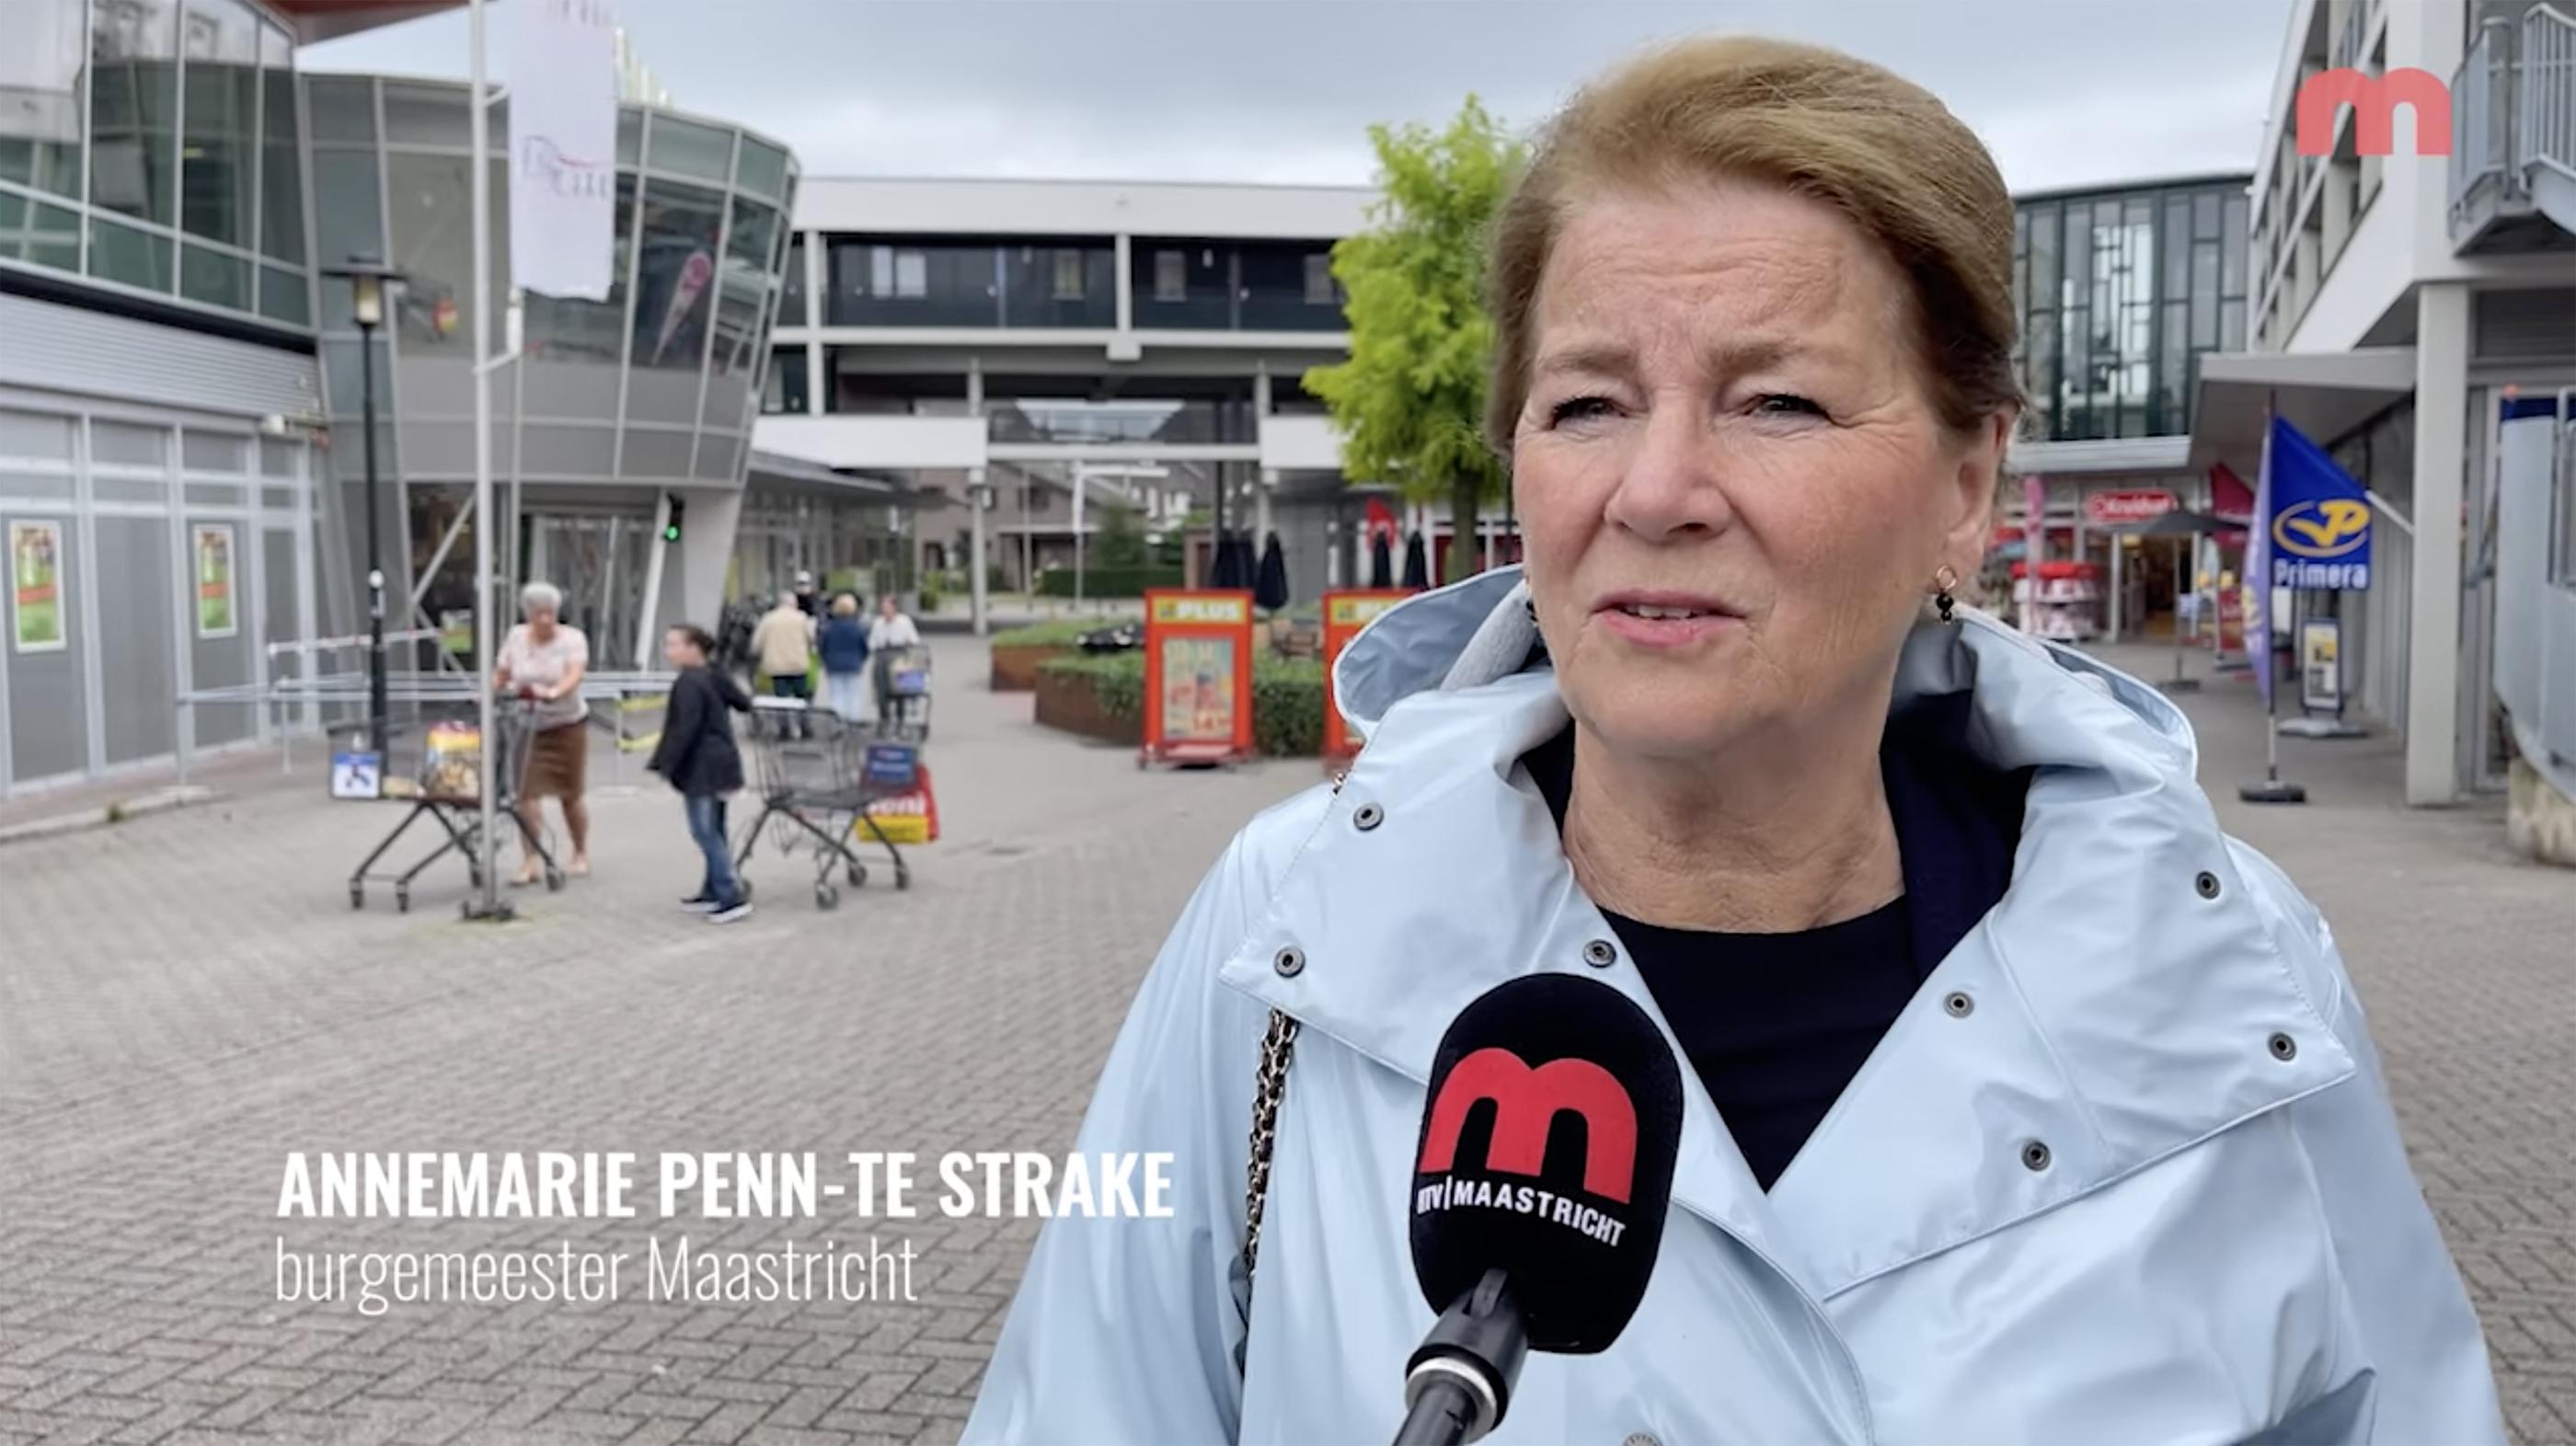 RTV Maastricht in gesprek met burgemeester Penn-Te Strake